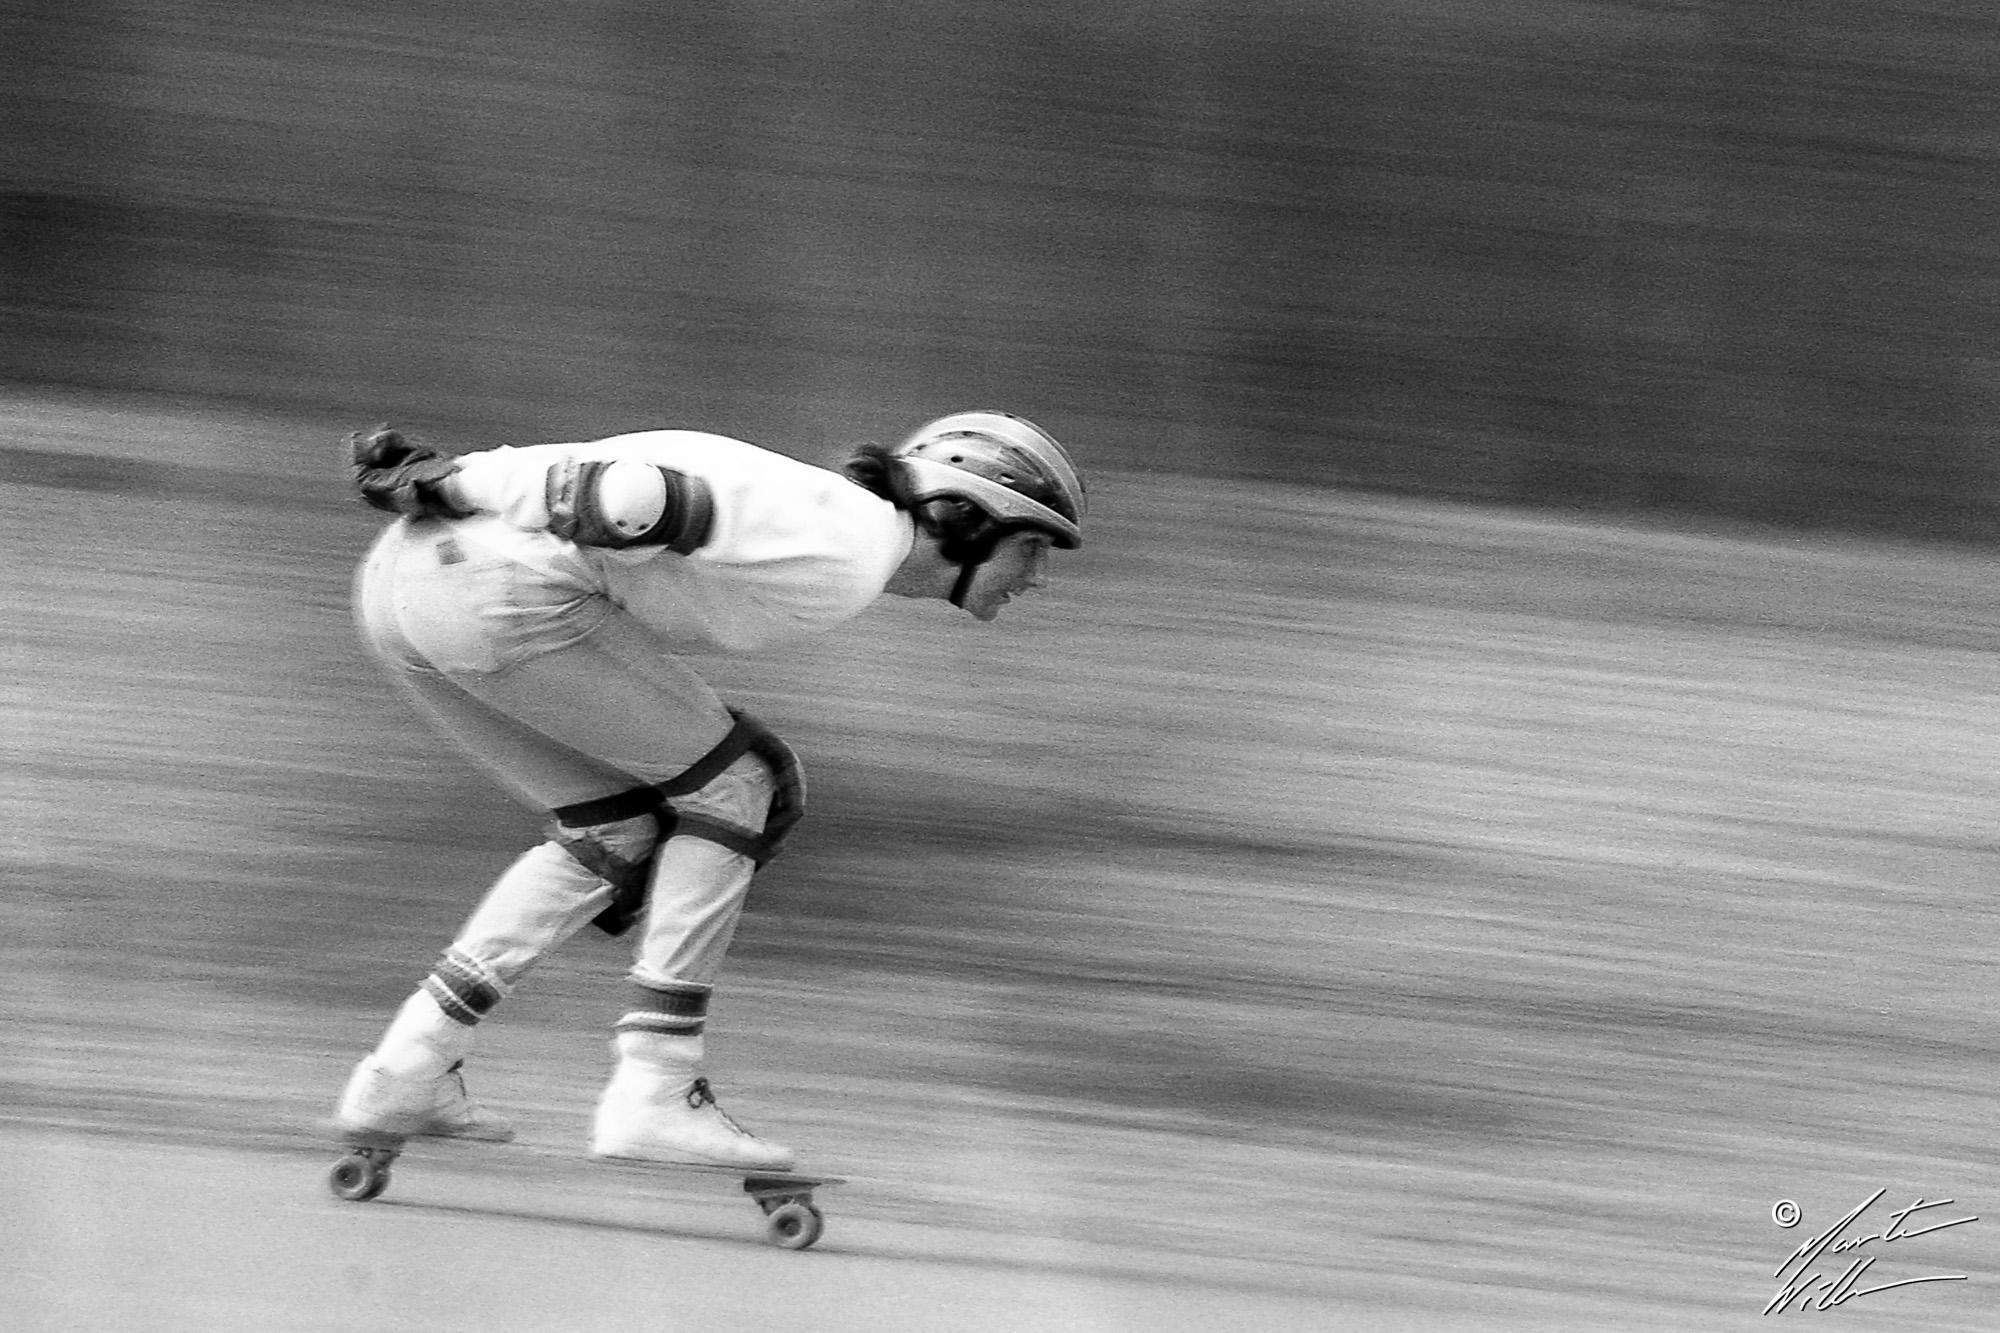 Greger Petersen, Downhill,  Jönköping 1982